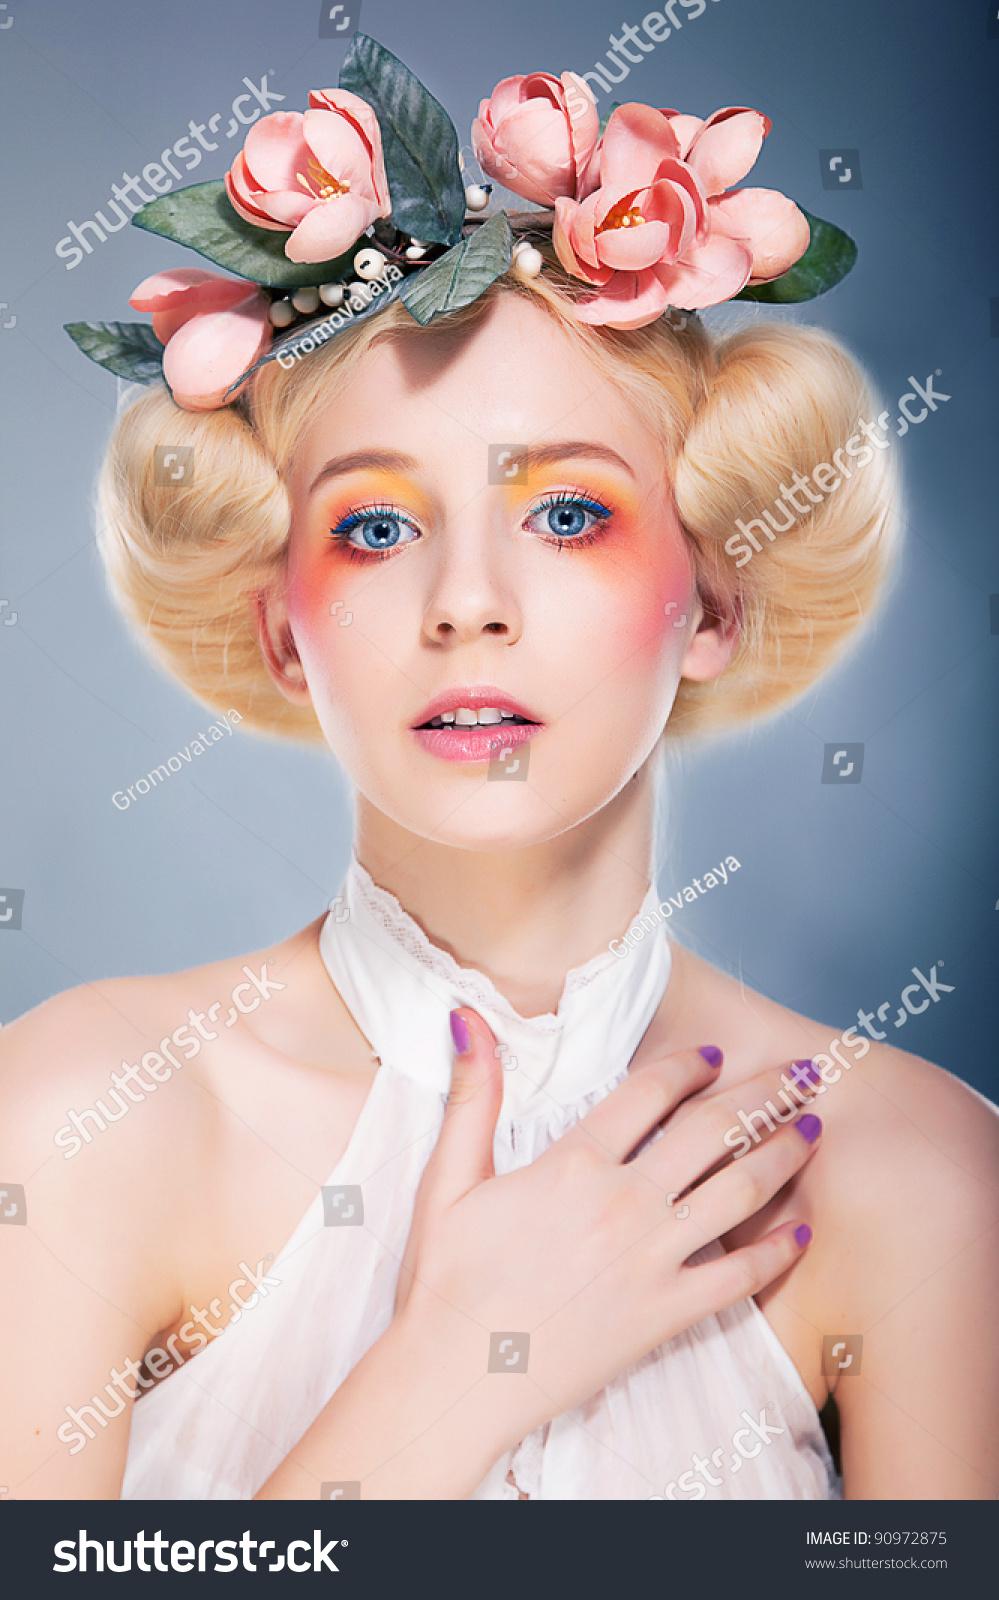 文艺复兴风格-豪华金发美女发型模特可爱的女孩冒充室